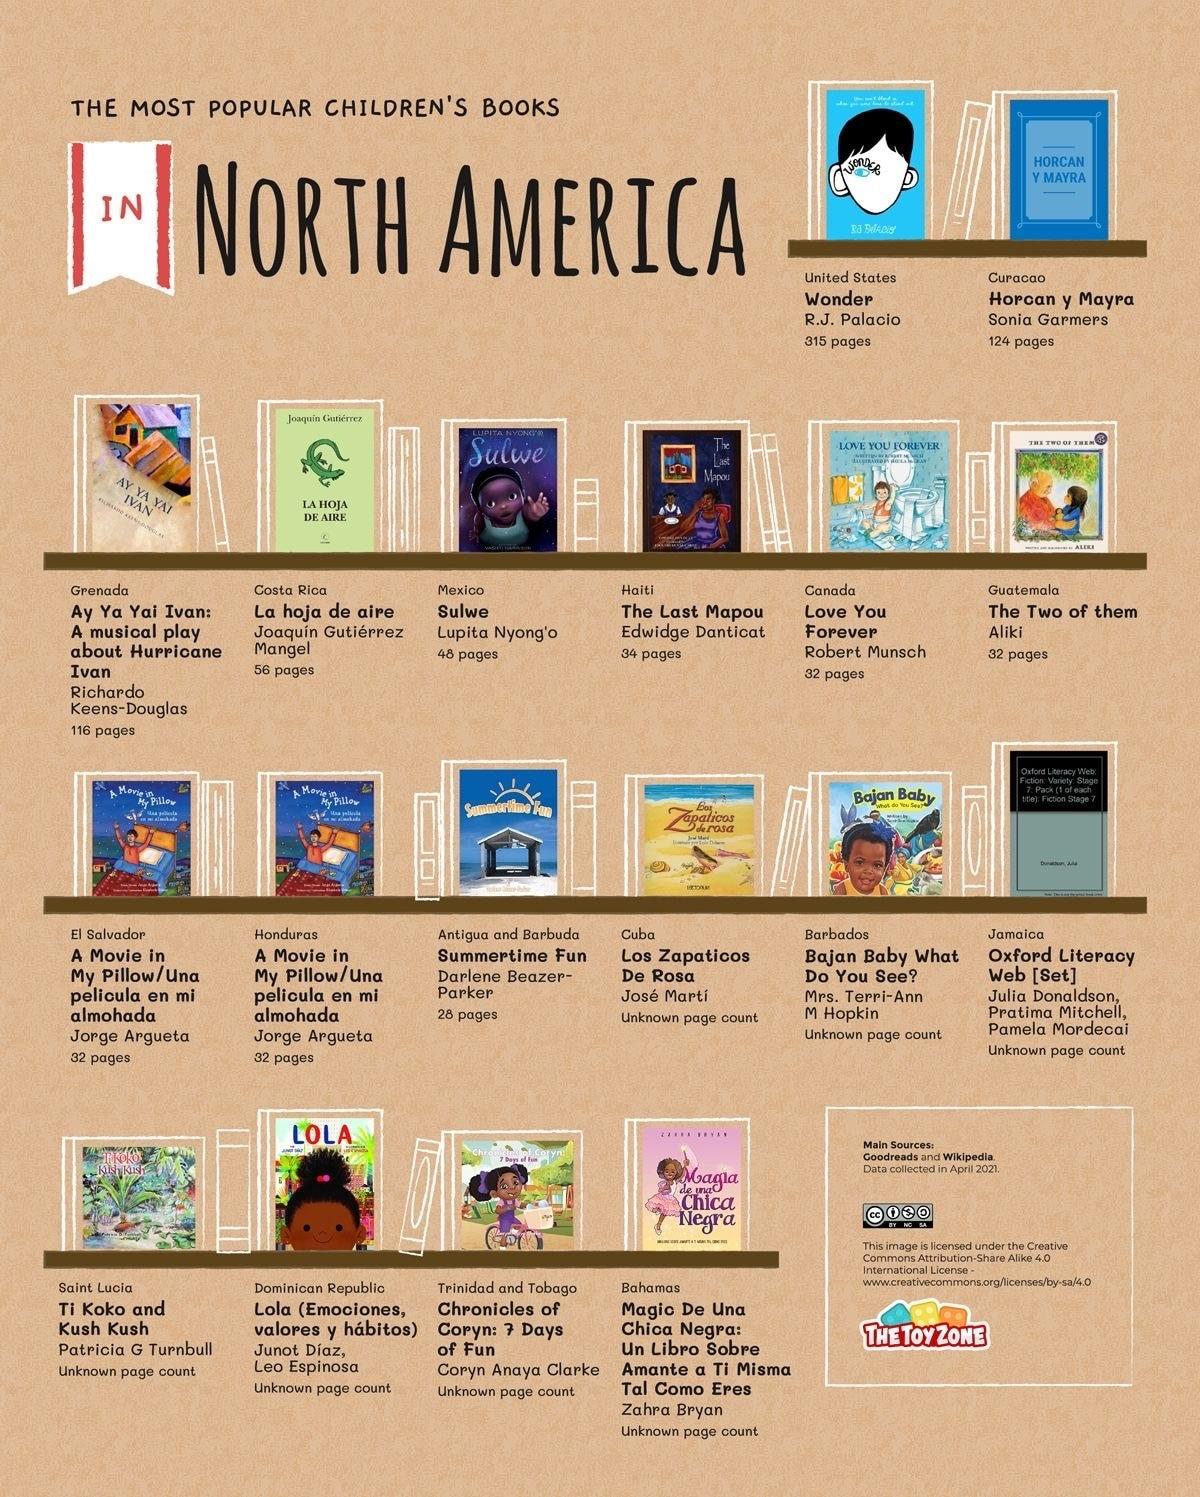 Most read children's books in North America